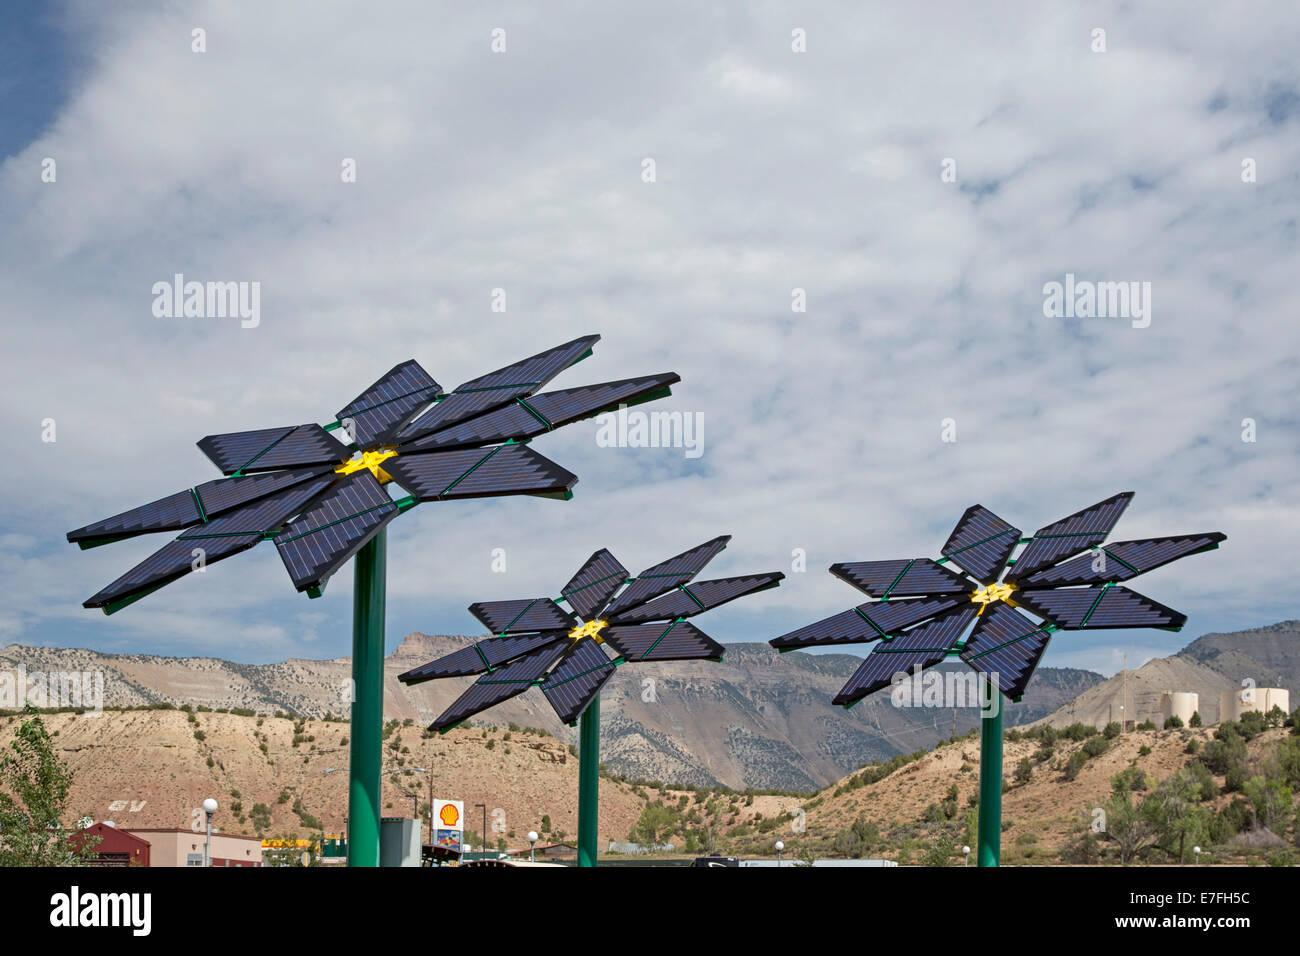 El paracaídas, Colorado - paneles solares hechas a semejanza de flores suministrar electricidad para una parada Imagen De Stock